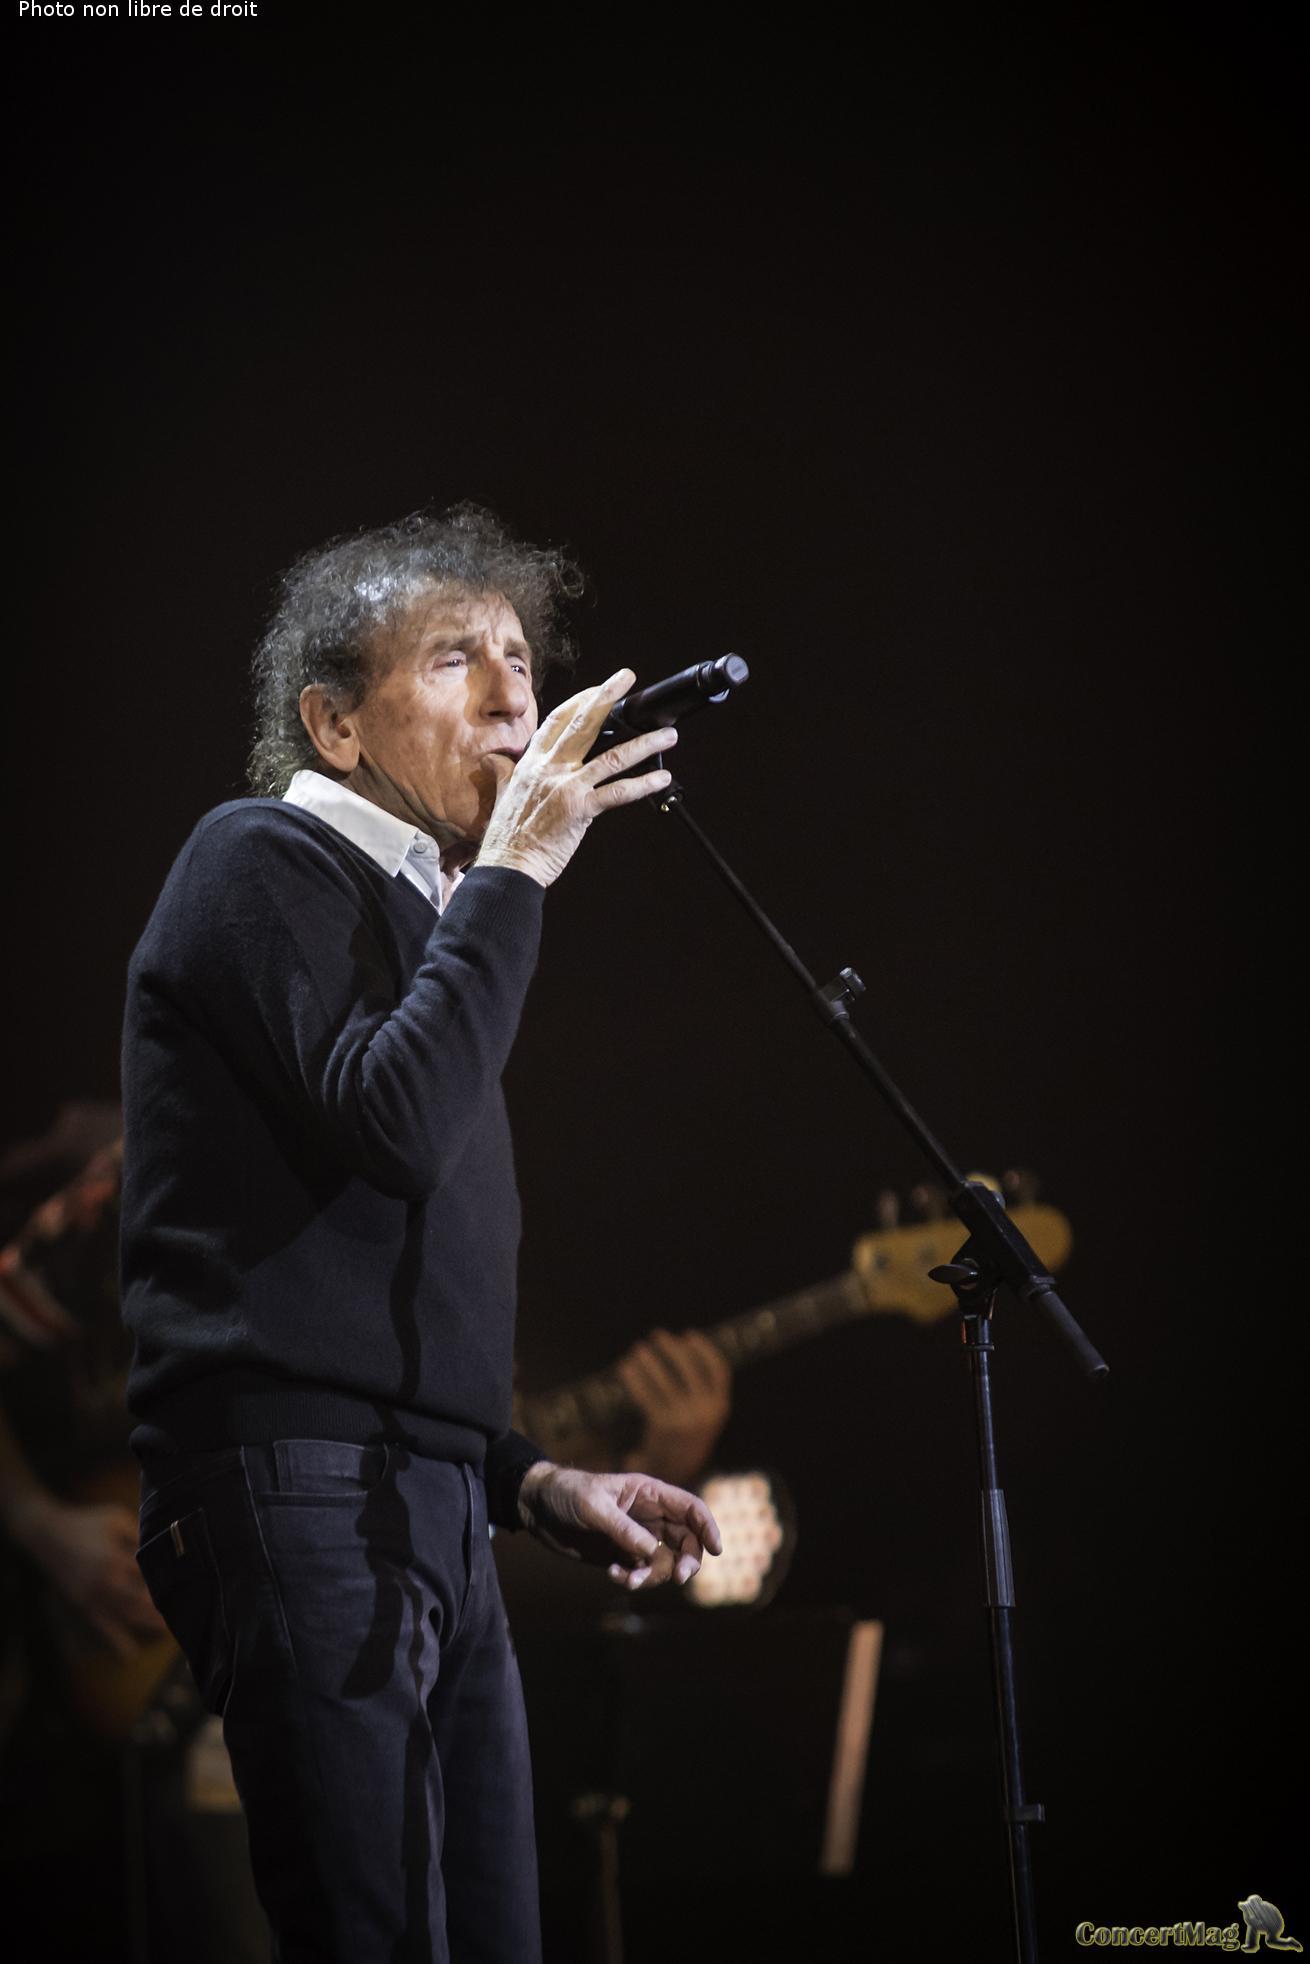 IMG 3175 1 - Le concert des Coccinelles au Casino de Paris